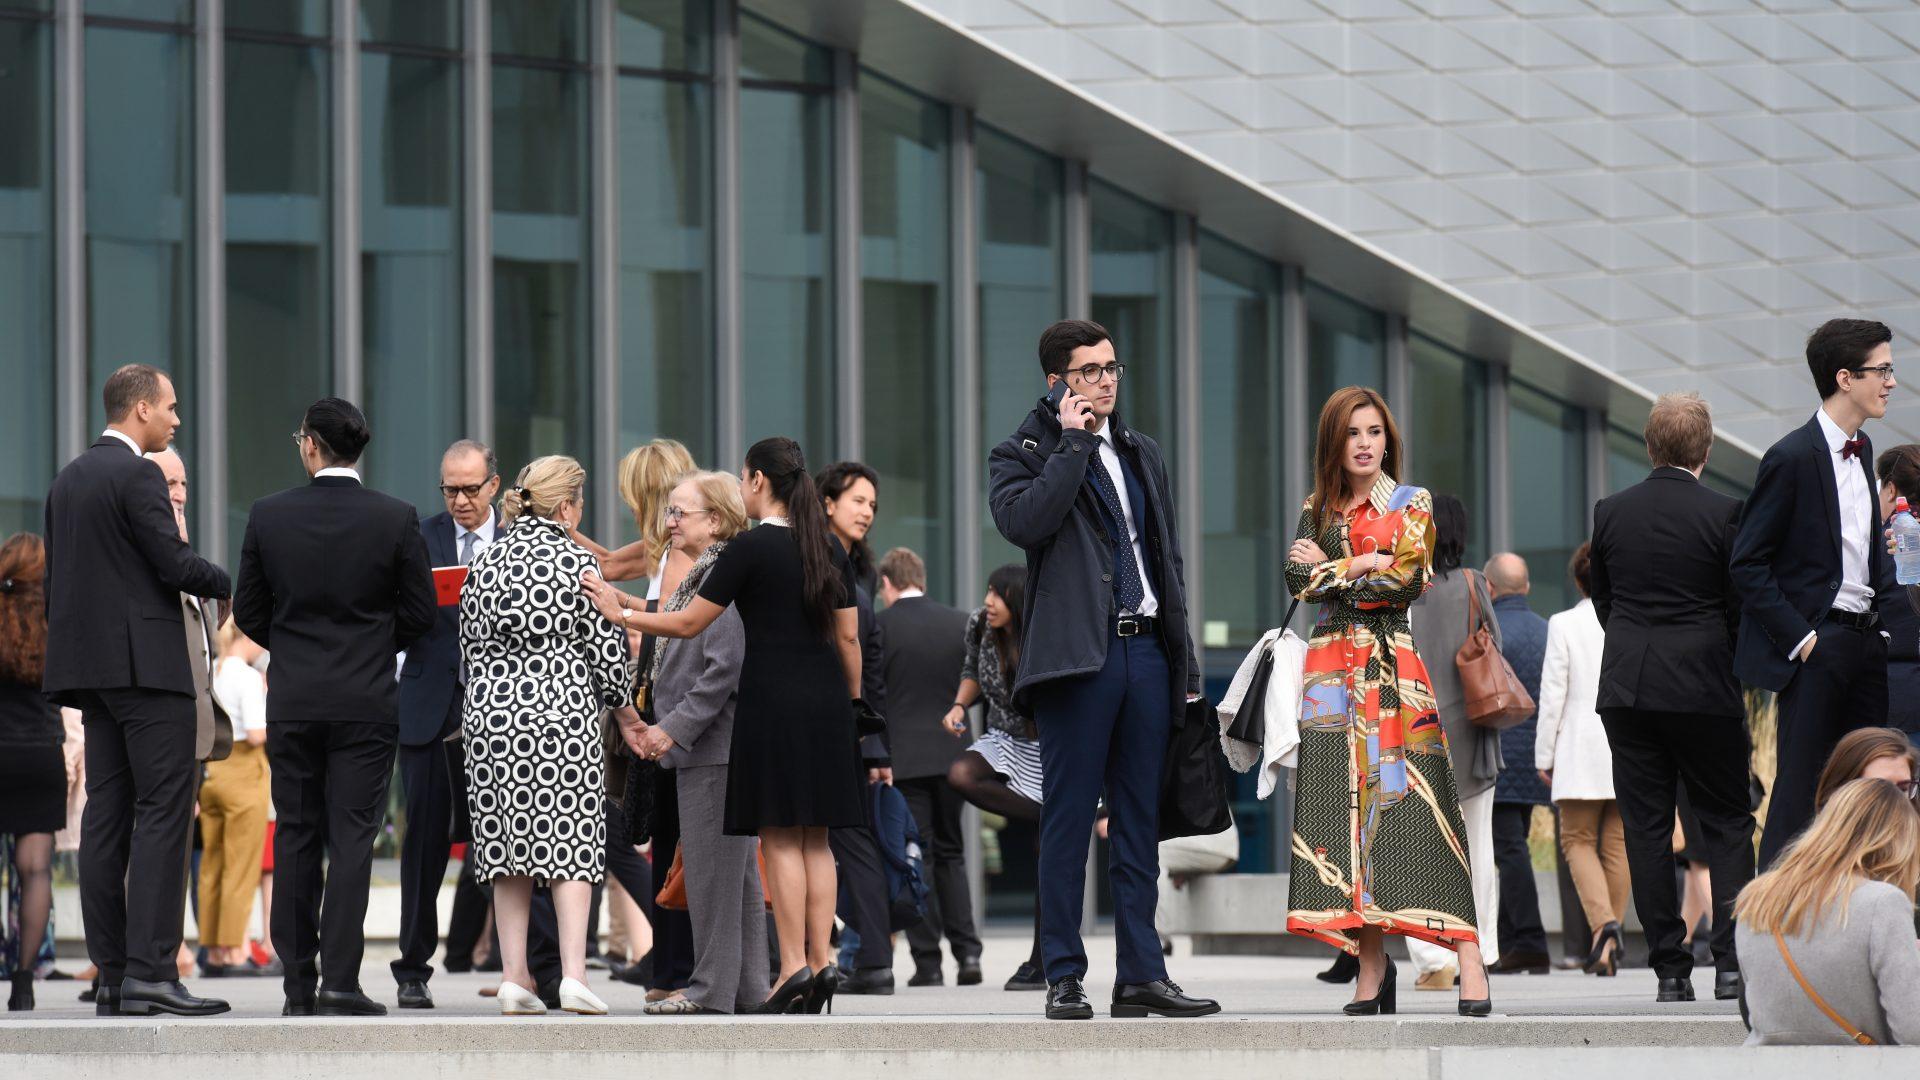 Des étudiantes et des étudiants attendant à l'extérieur du SwissTech Convention Center, lors de la Magistrale 2018